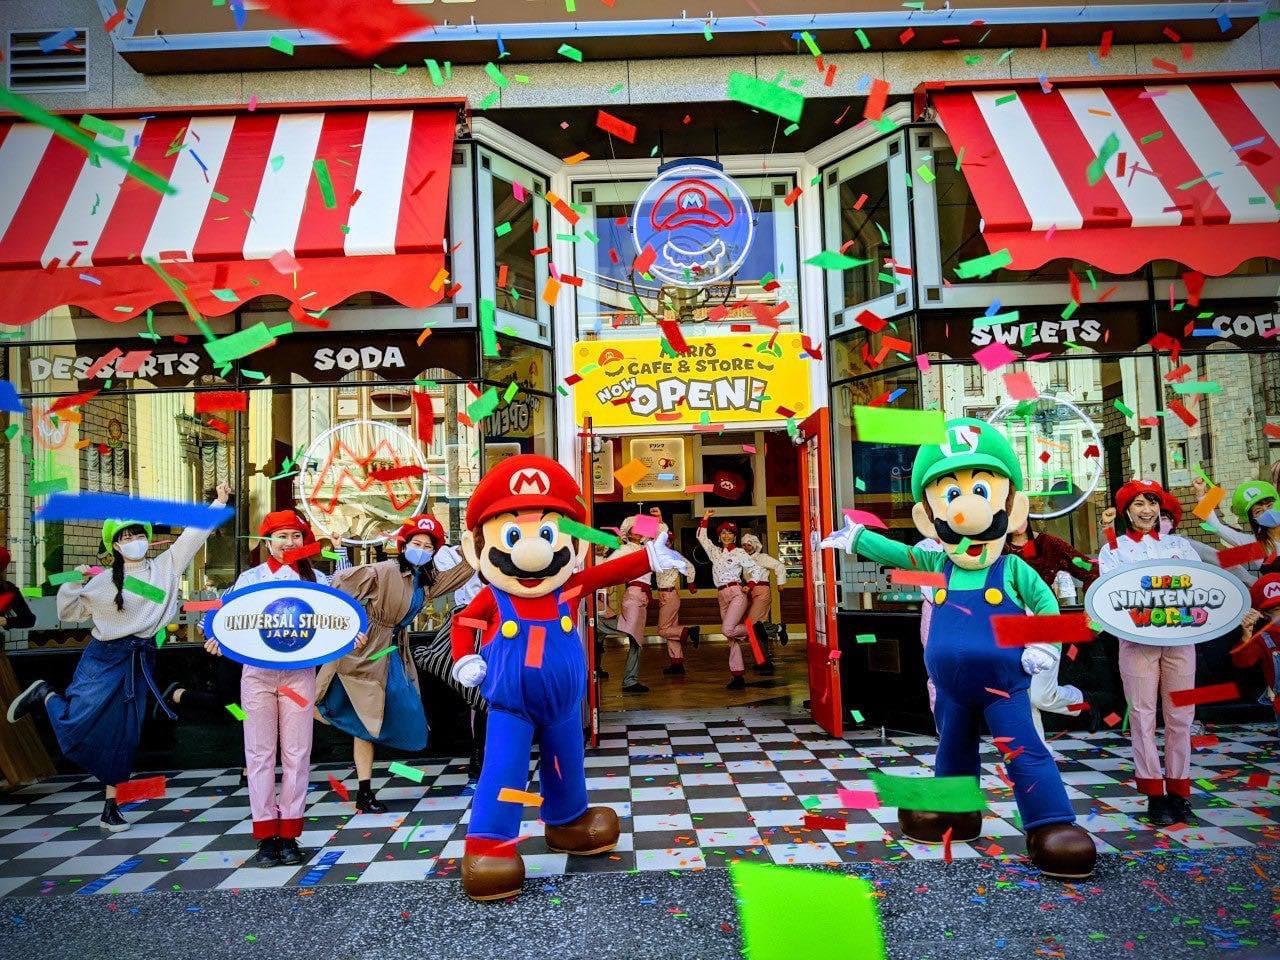 Universal Studios de Japón abrirá zona de Super Nintendo en febrero